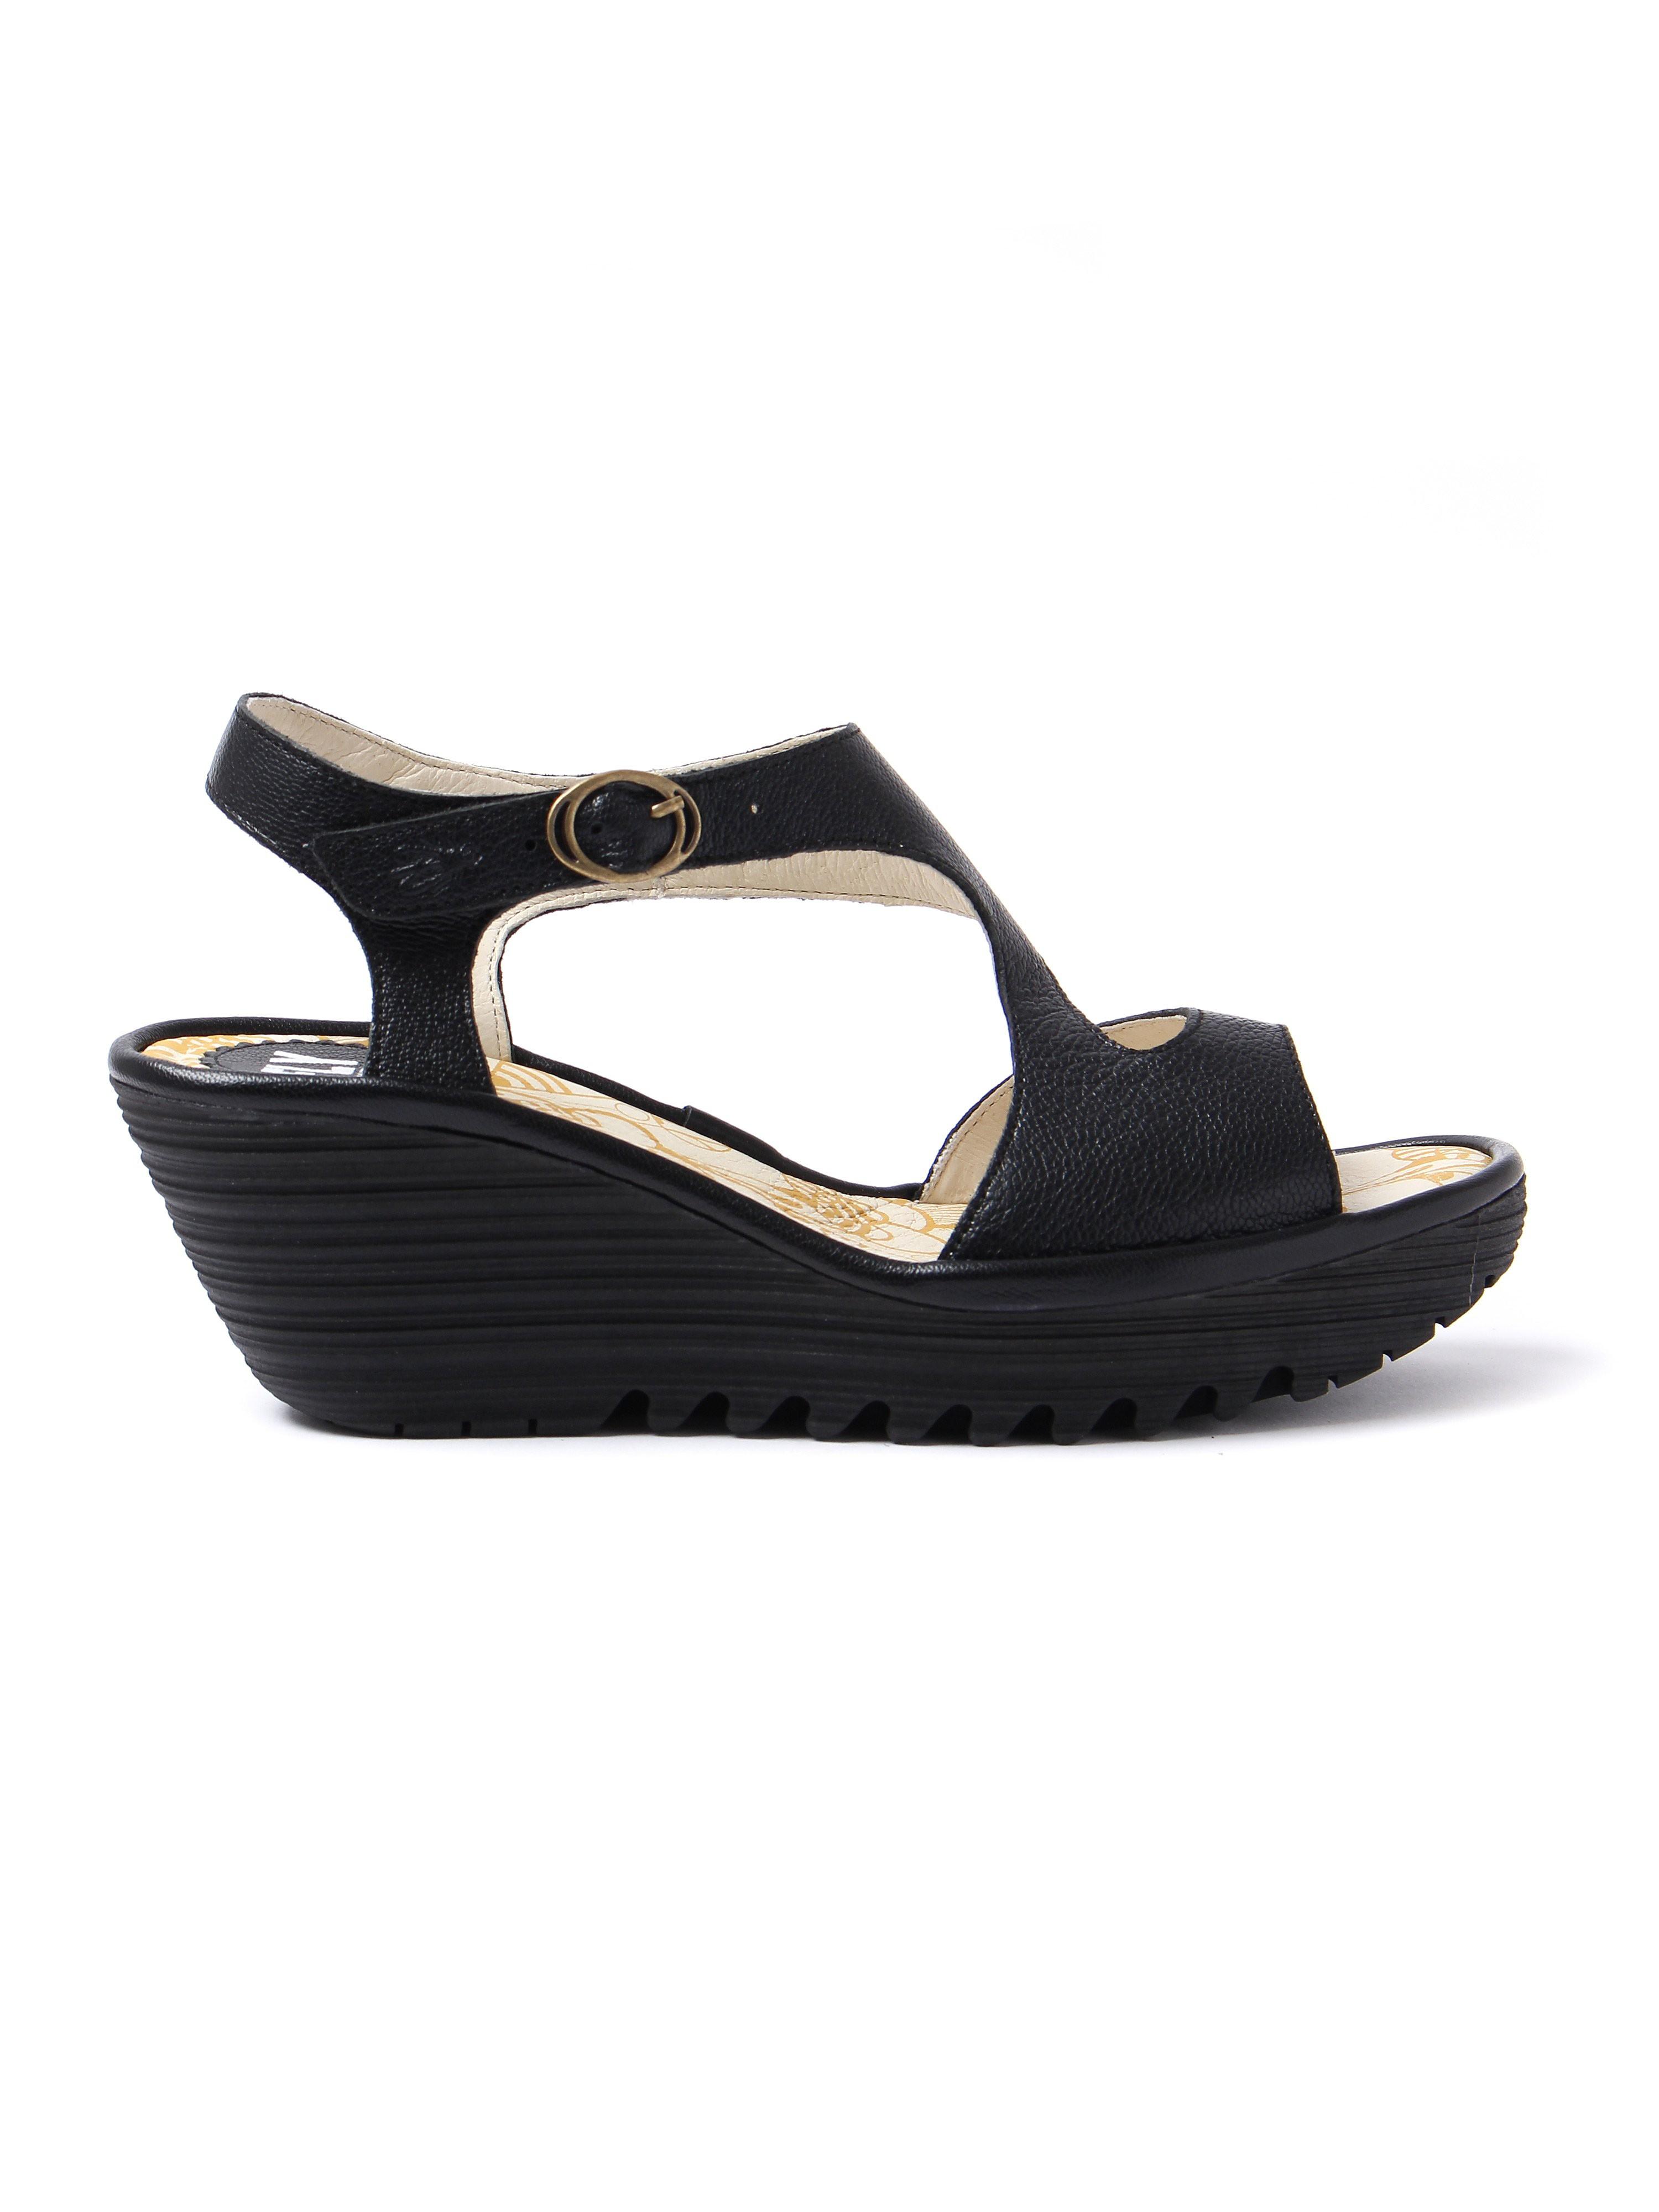 Fly London Women's Yanca Leather Sandals - Black Mousse